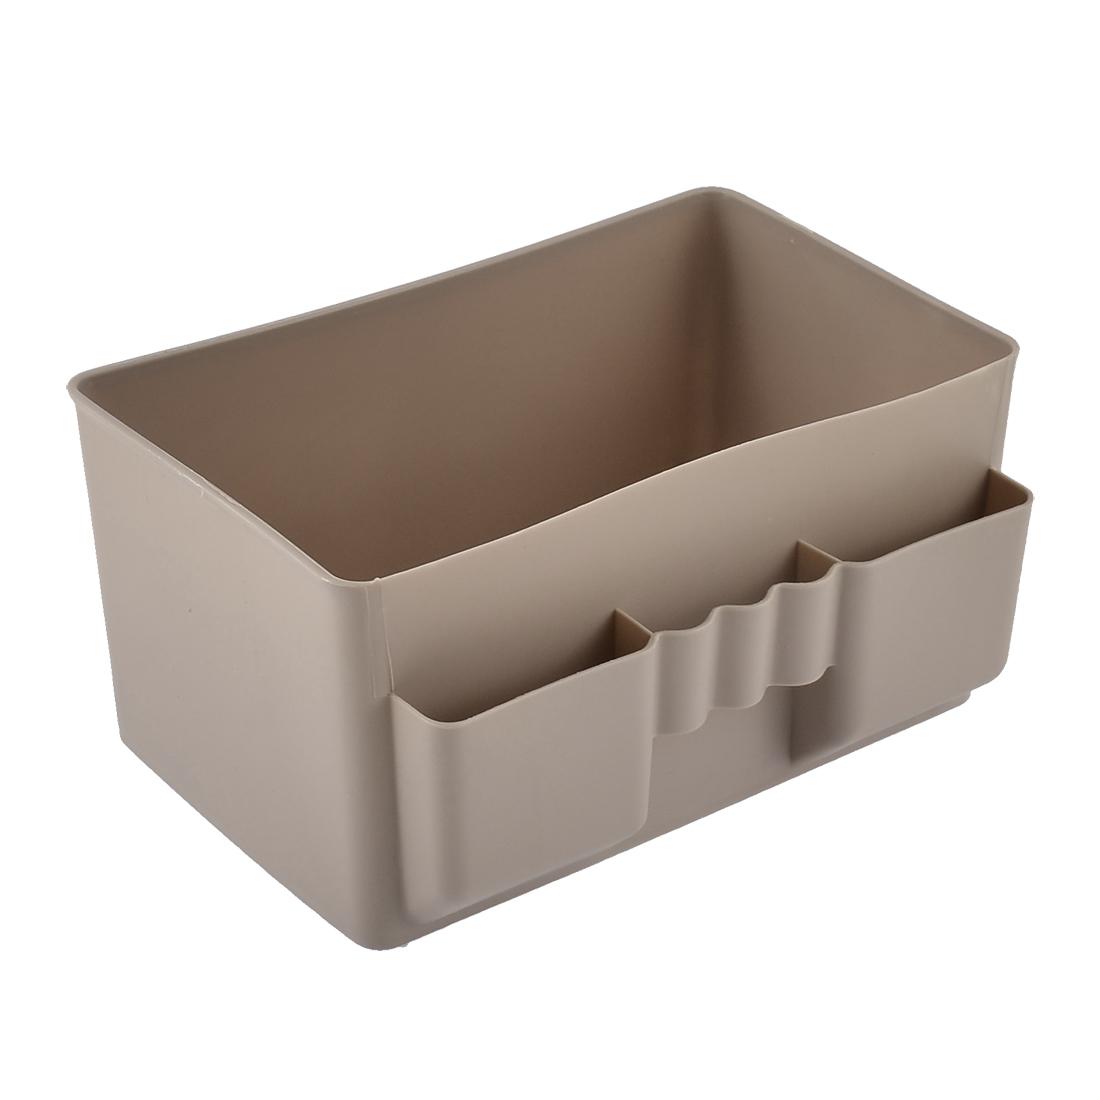 Kitchen Table Desktop Plastic Storage Case Organizer Divider Box Brown